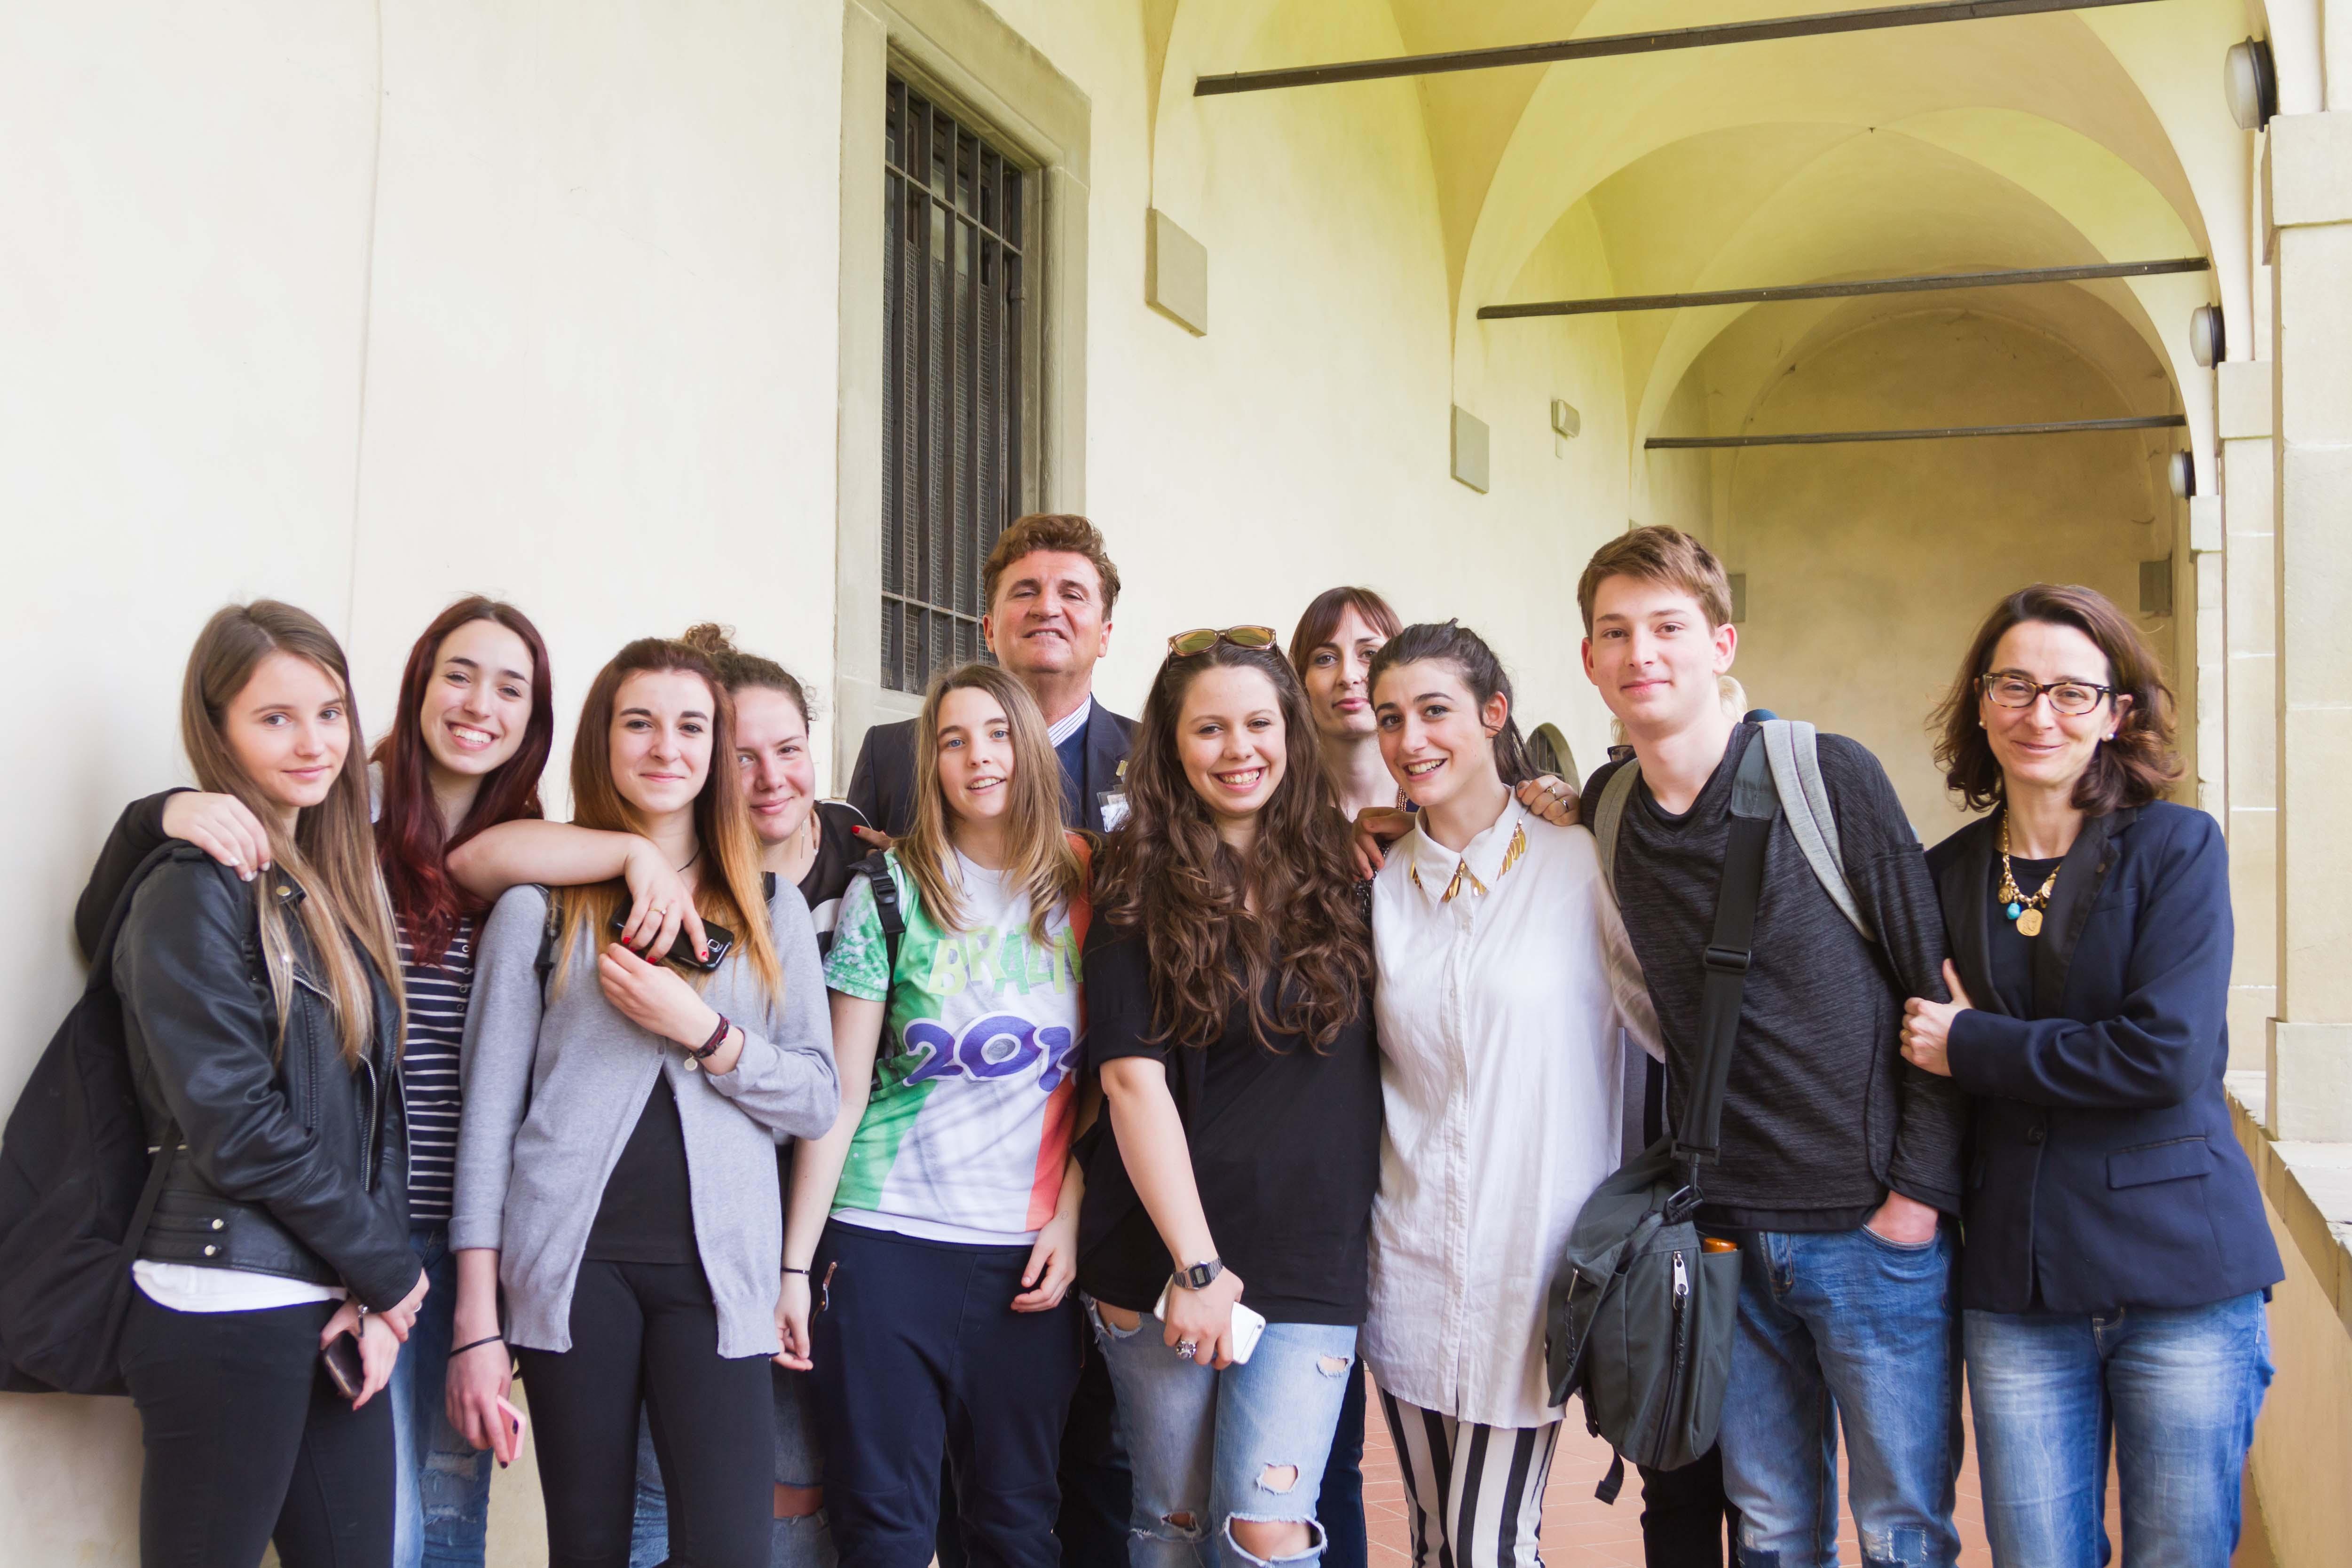 Ufficio Lavoro Arezzo : L ufficio in una caffetteria ecco smartplace l app per il